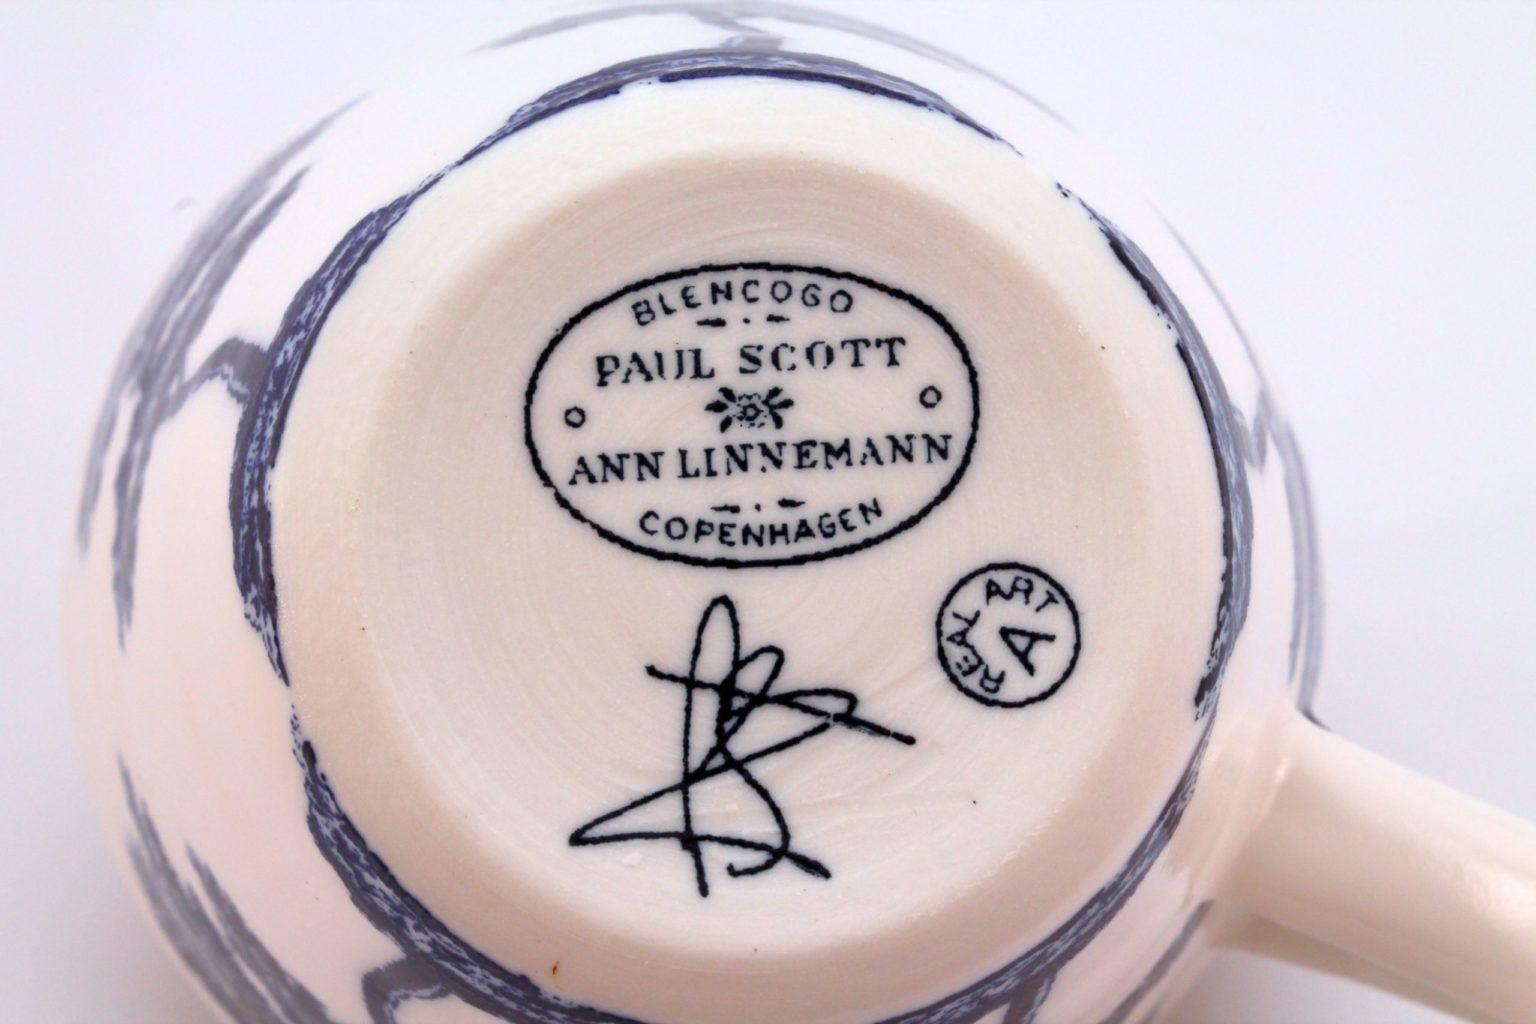 Made by Ann Linnemann Paul Scott